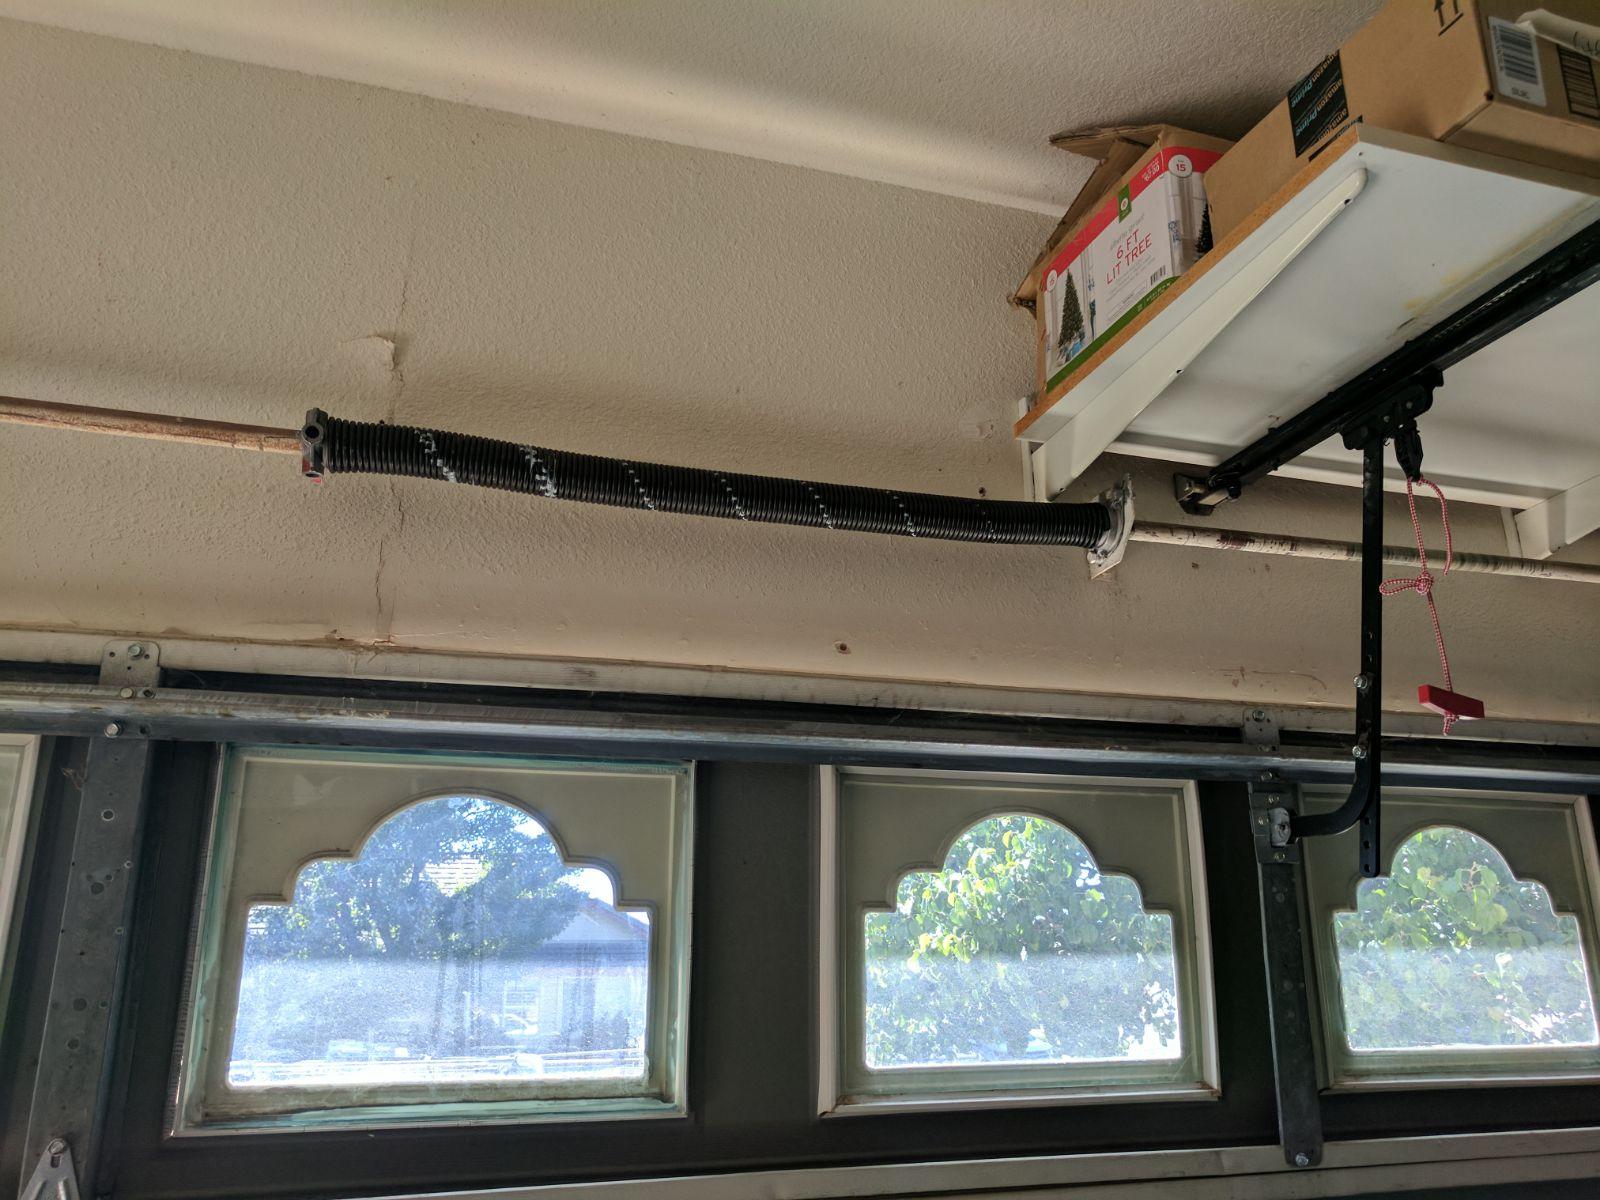 GR8 Garage Door image 47